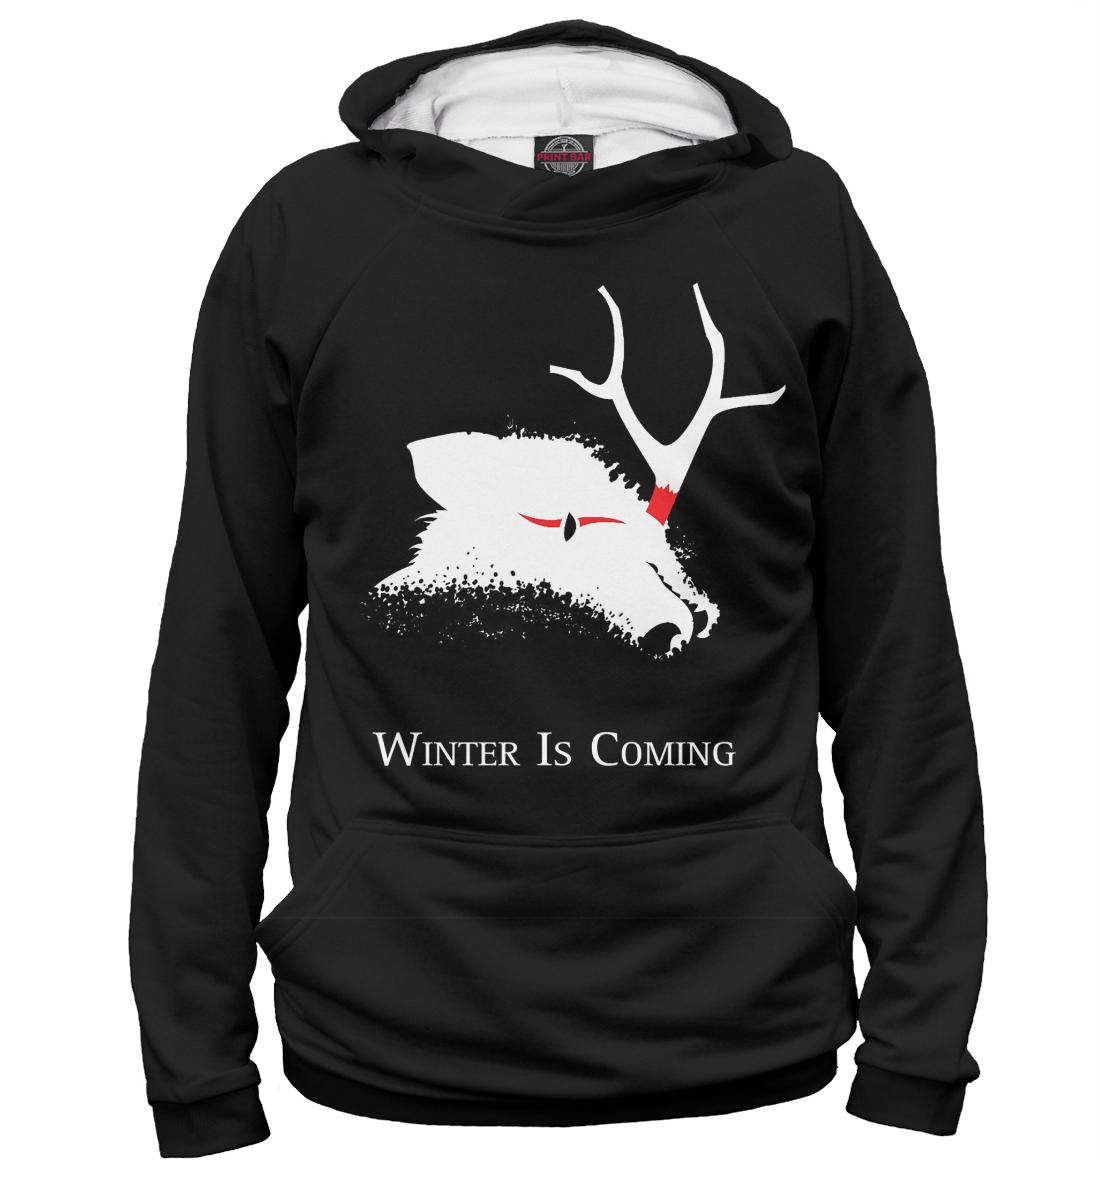 Купить Зима близко, Printbar, Худи, IGR-117554-hud-2